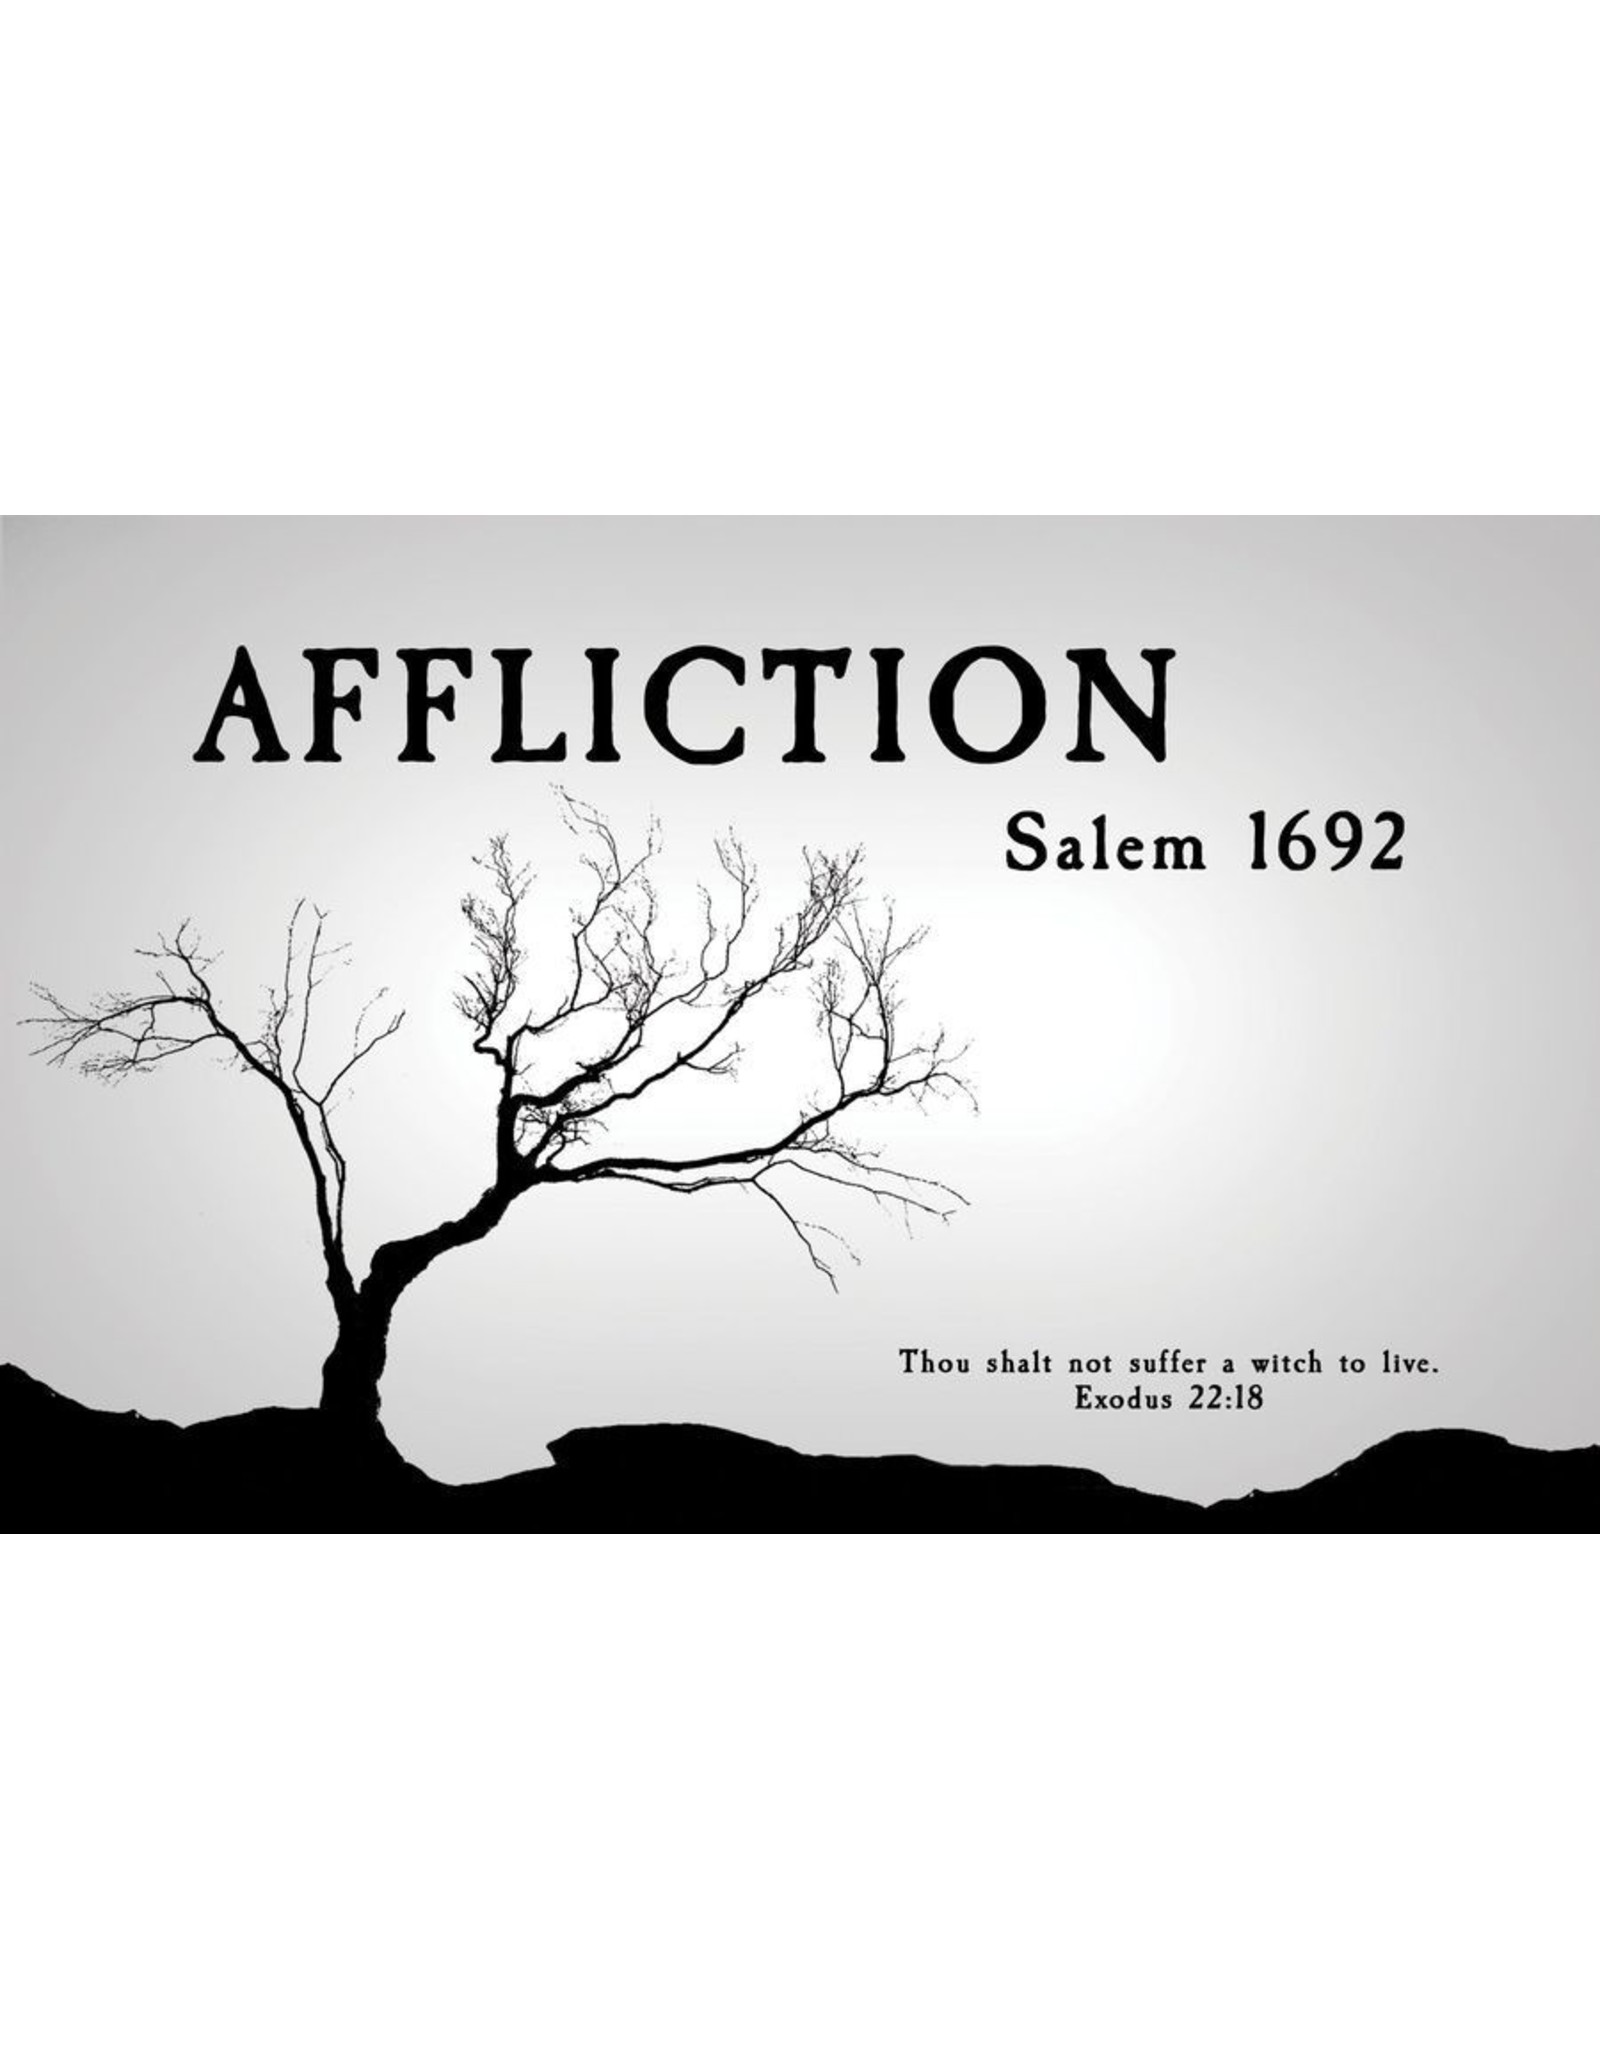 AFFLICTION SALEM 1692